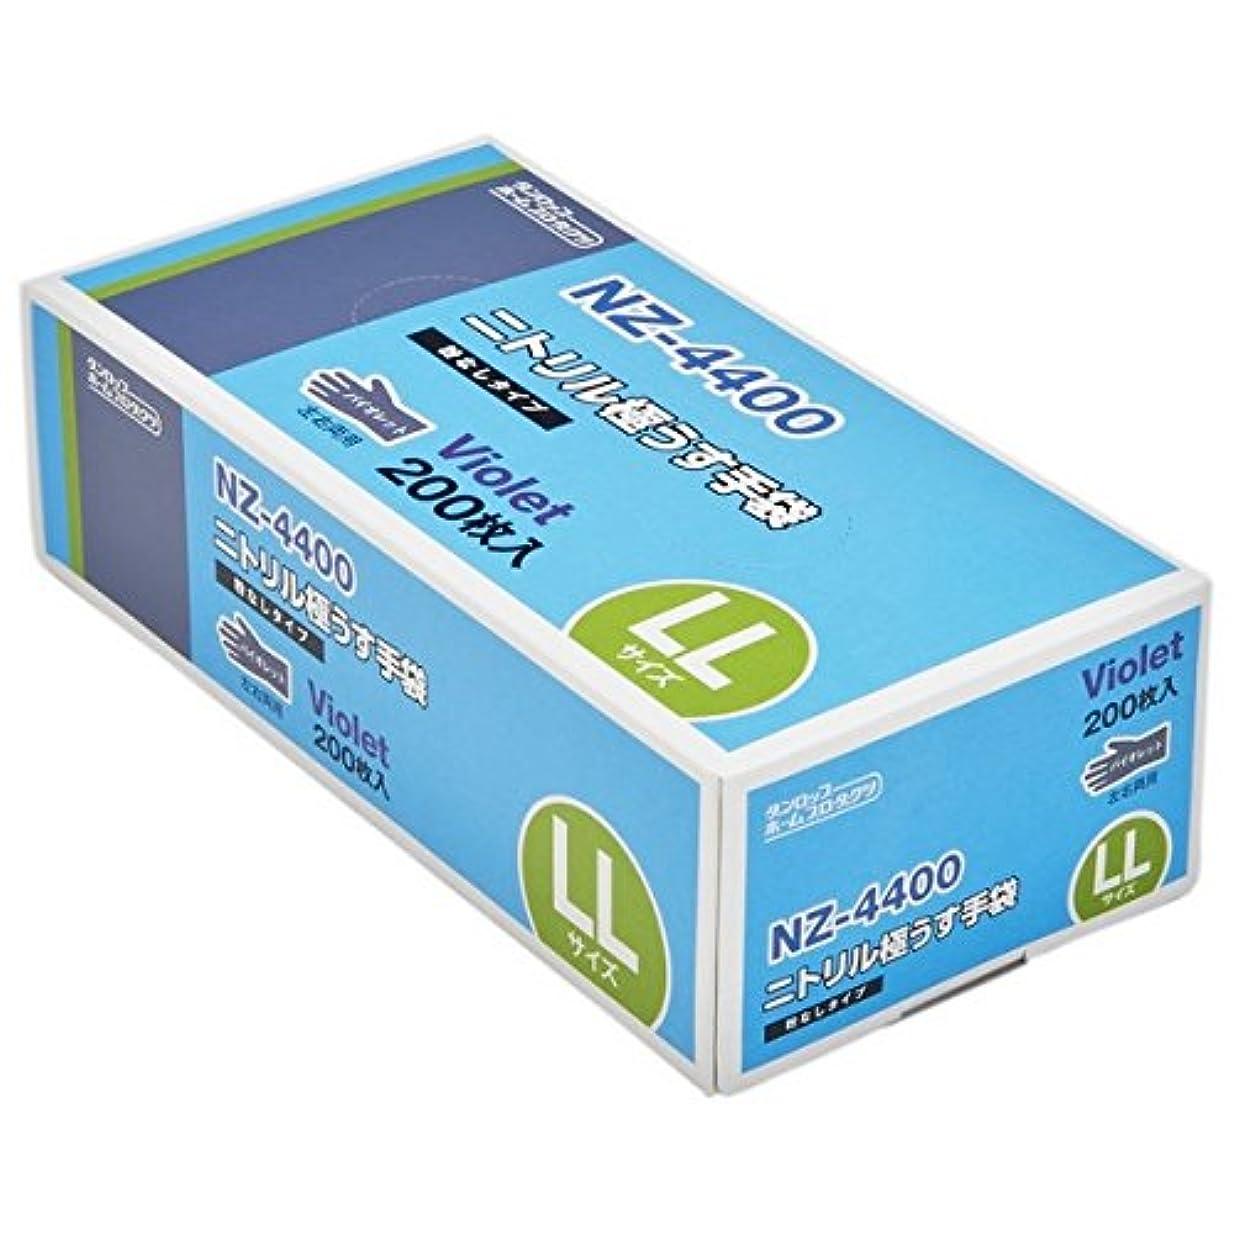 難しいカヌー検体ダンロップ ニトリル極うす手袋 NZ-4400 バイオレット 粉なし LLサイズ 200枚入